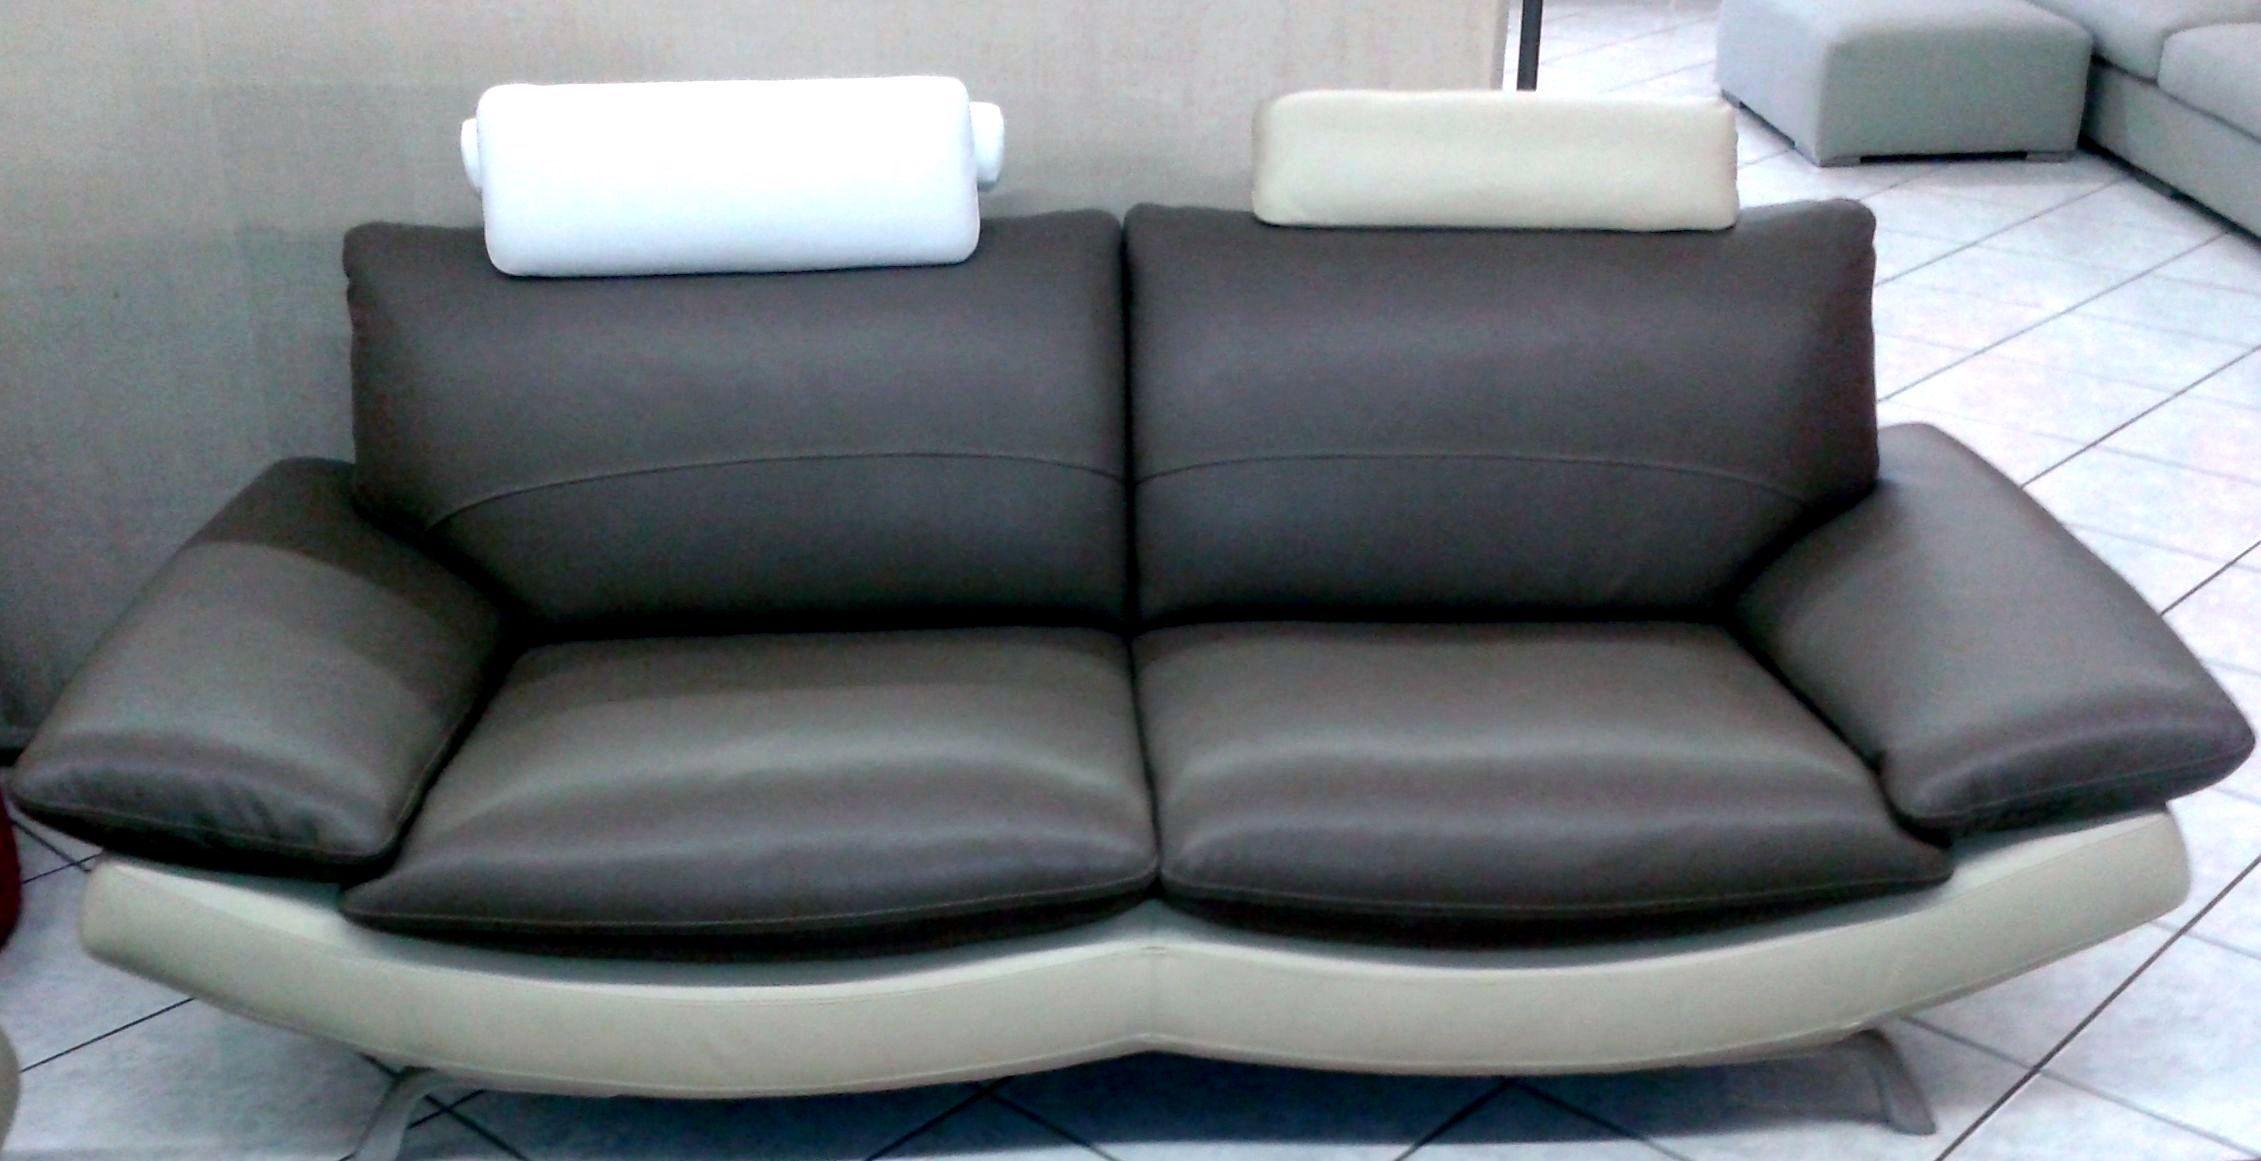 Promozione Coppia divani moderni in pelle - Divani a prezzi scontati